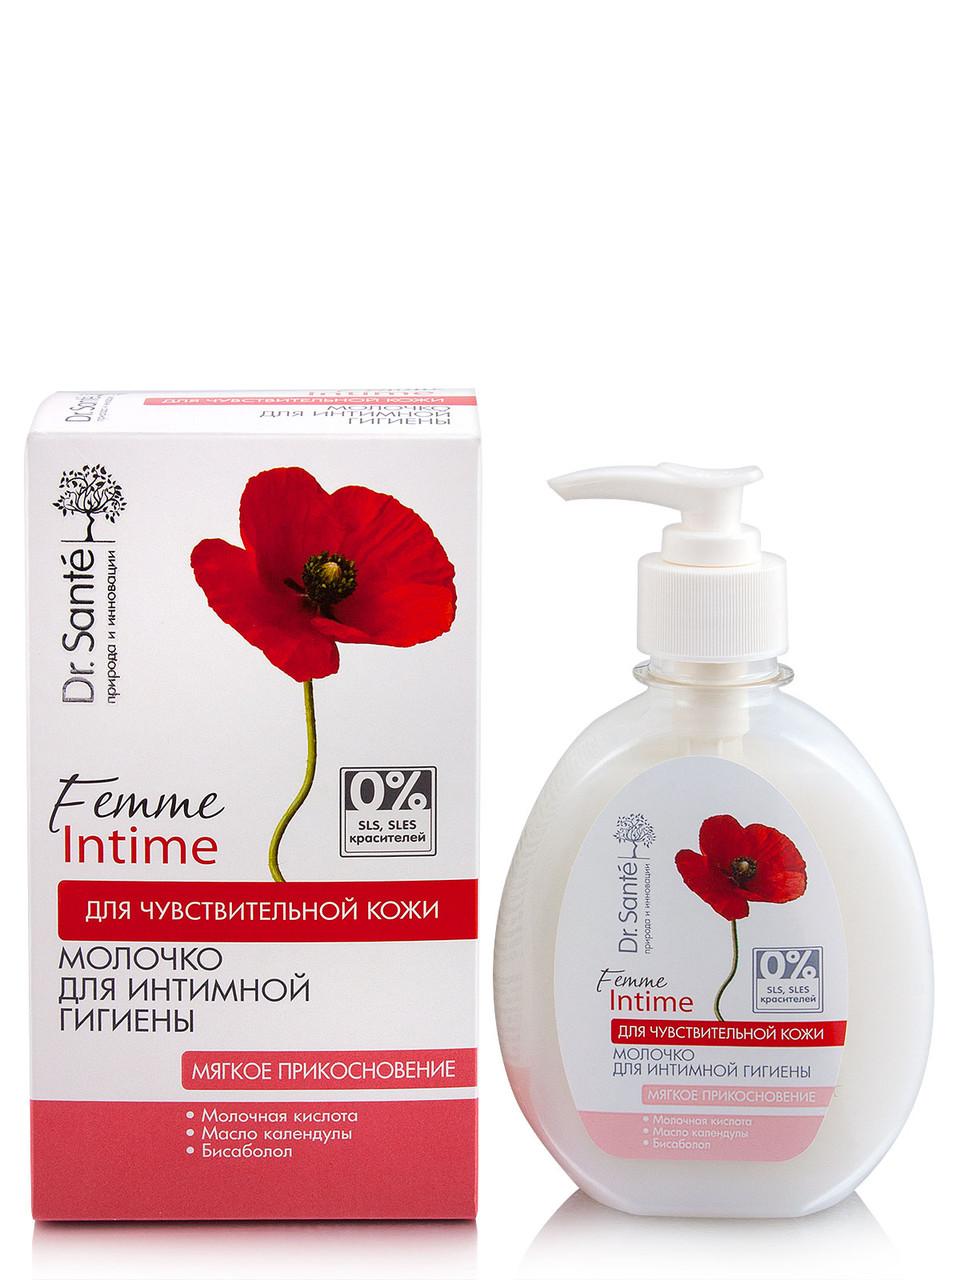 Молочко для интимной гигиены «Мягкое прикосновение» Dr.Sante Femme Intime, 230 мл.